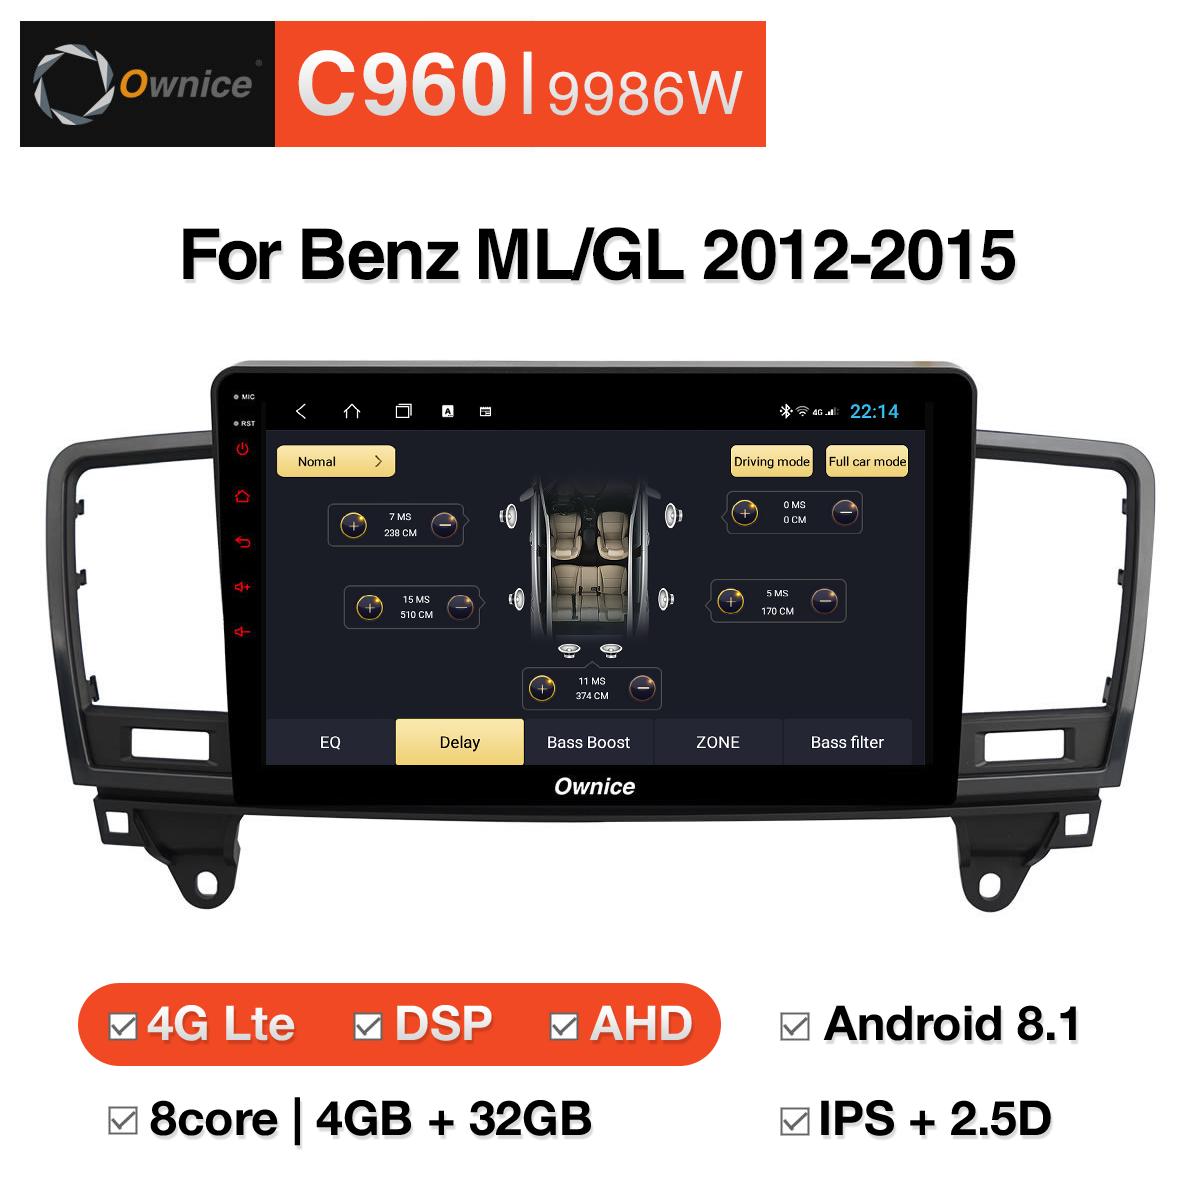 Đầu DVD android Ownice C960 cho xe ô tô Benz ML/GL 2012 - 2015